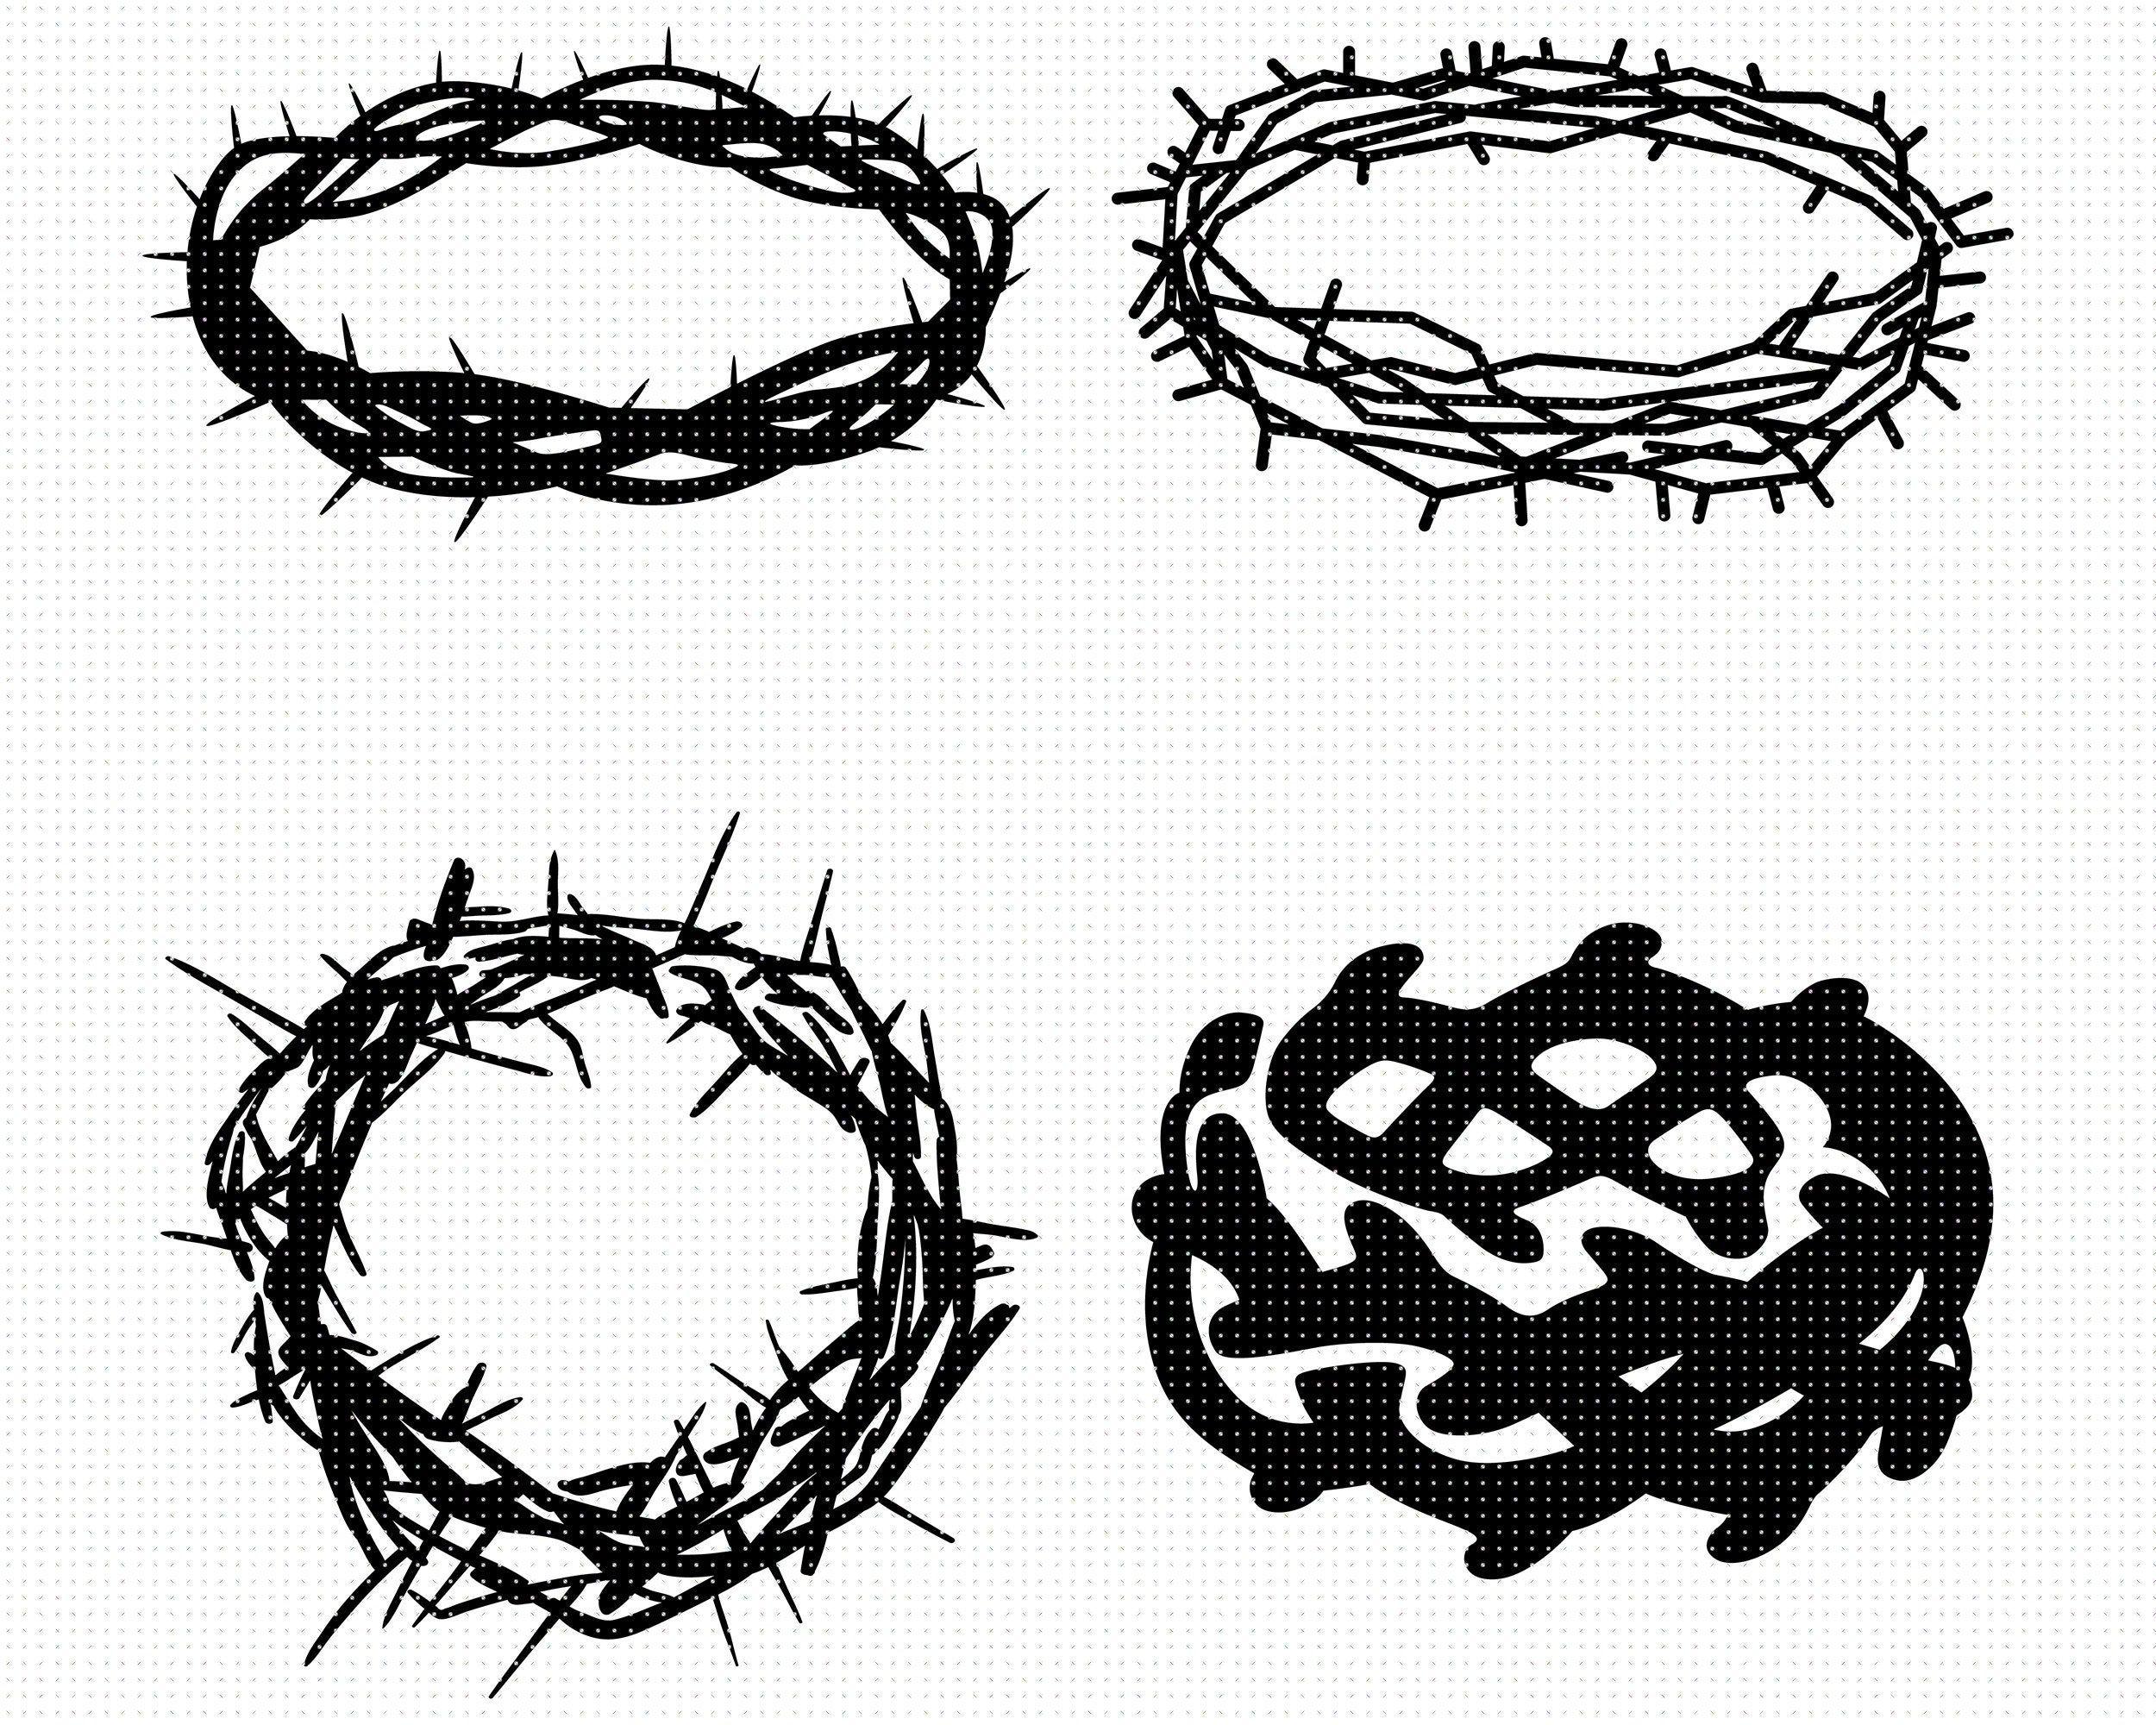 Jesus Crown Of Thorns Svg Crown Of Thorns Svg Eps Png Dxf Etsy Crown Of Thorns Jesus Crown King Crown Drawing